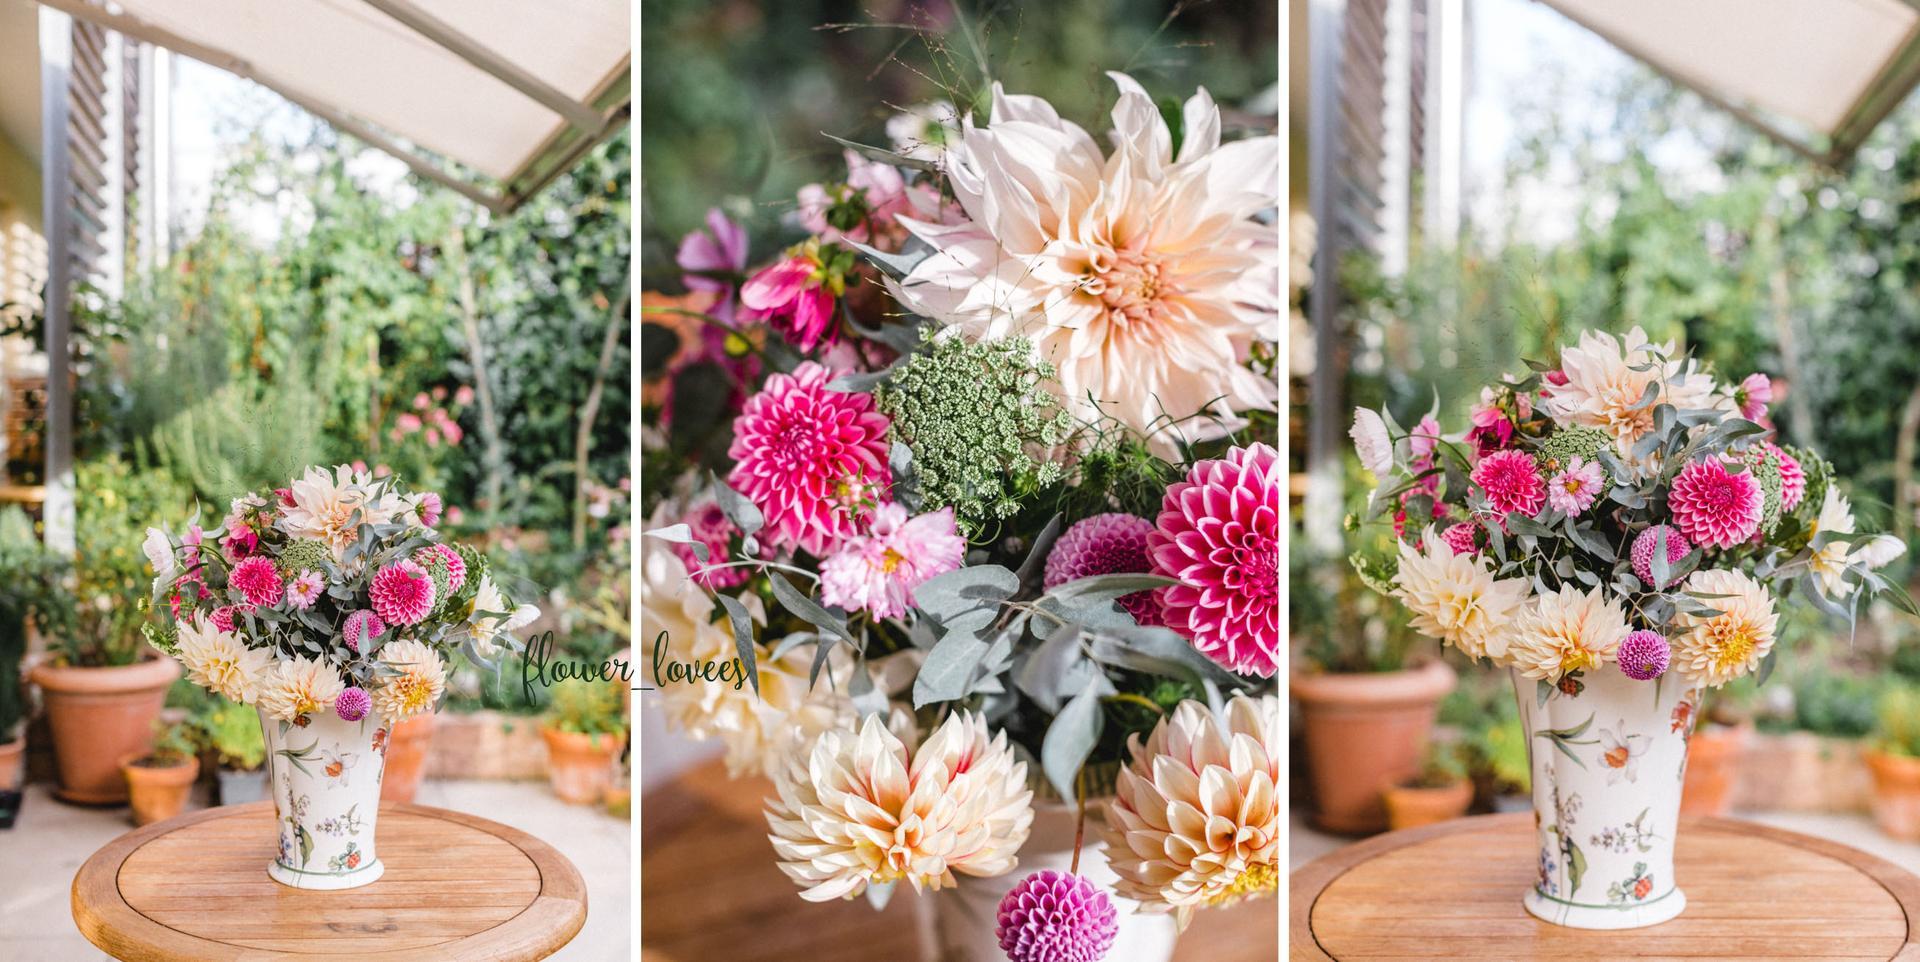 Kvetove dekoracie - Obrázok č. 4